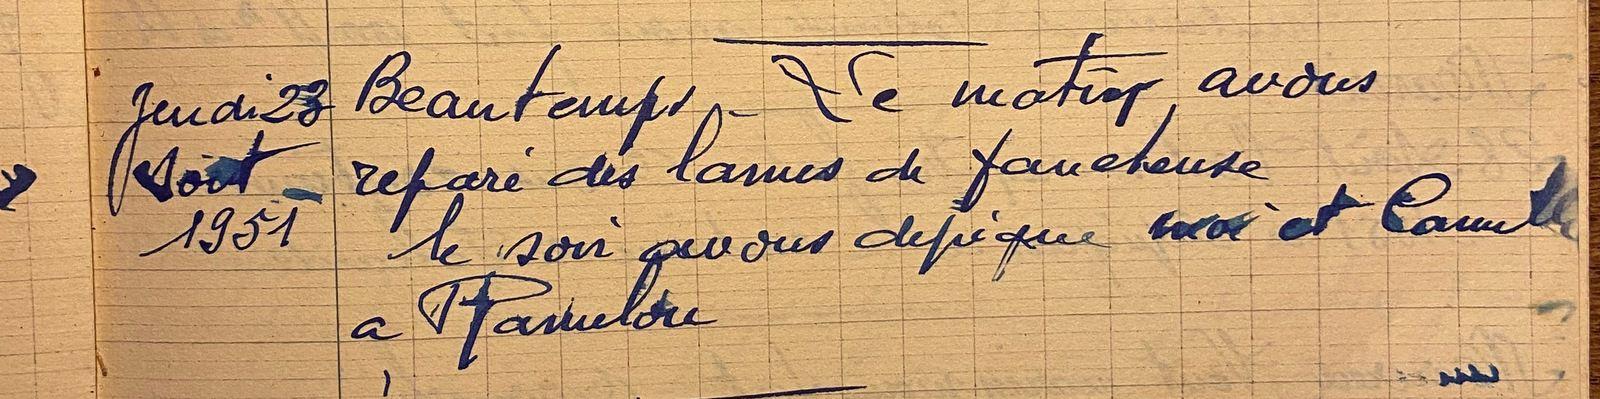 Jeudi 23 août 1951 - les lames de la faucheuse